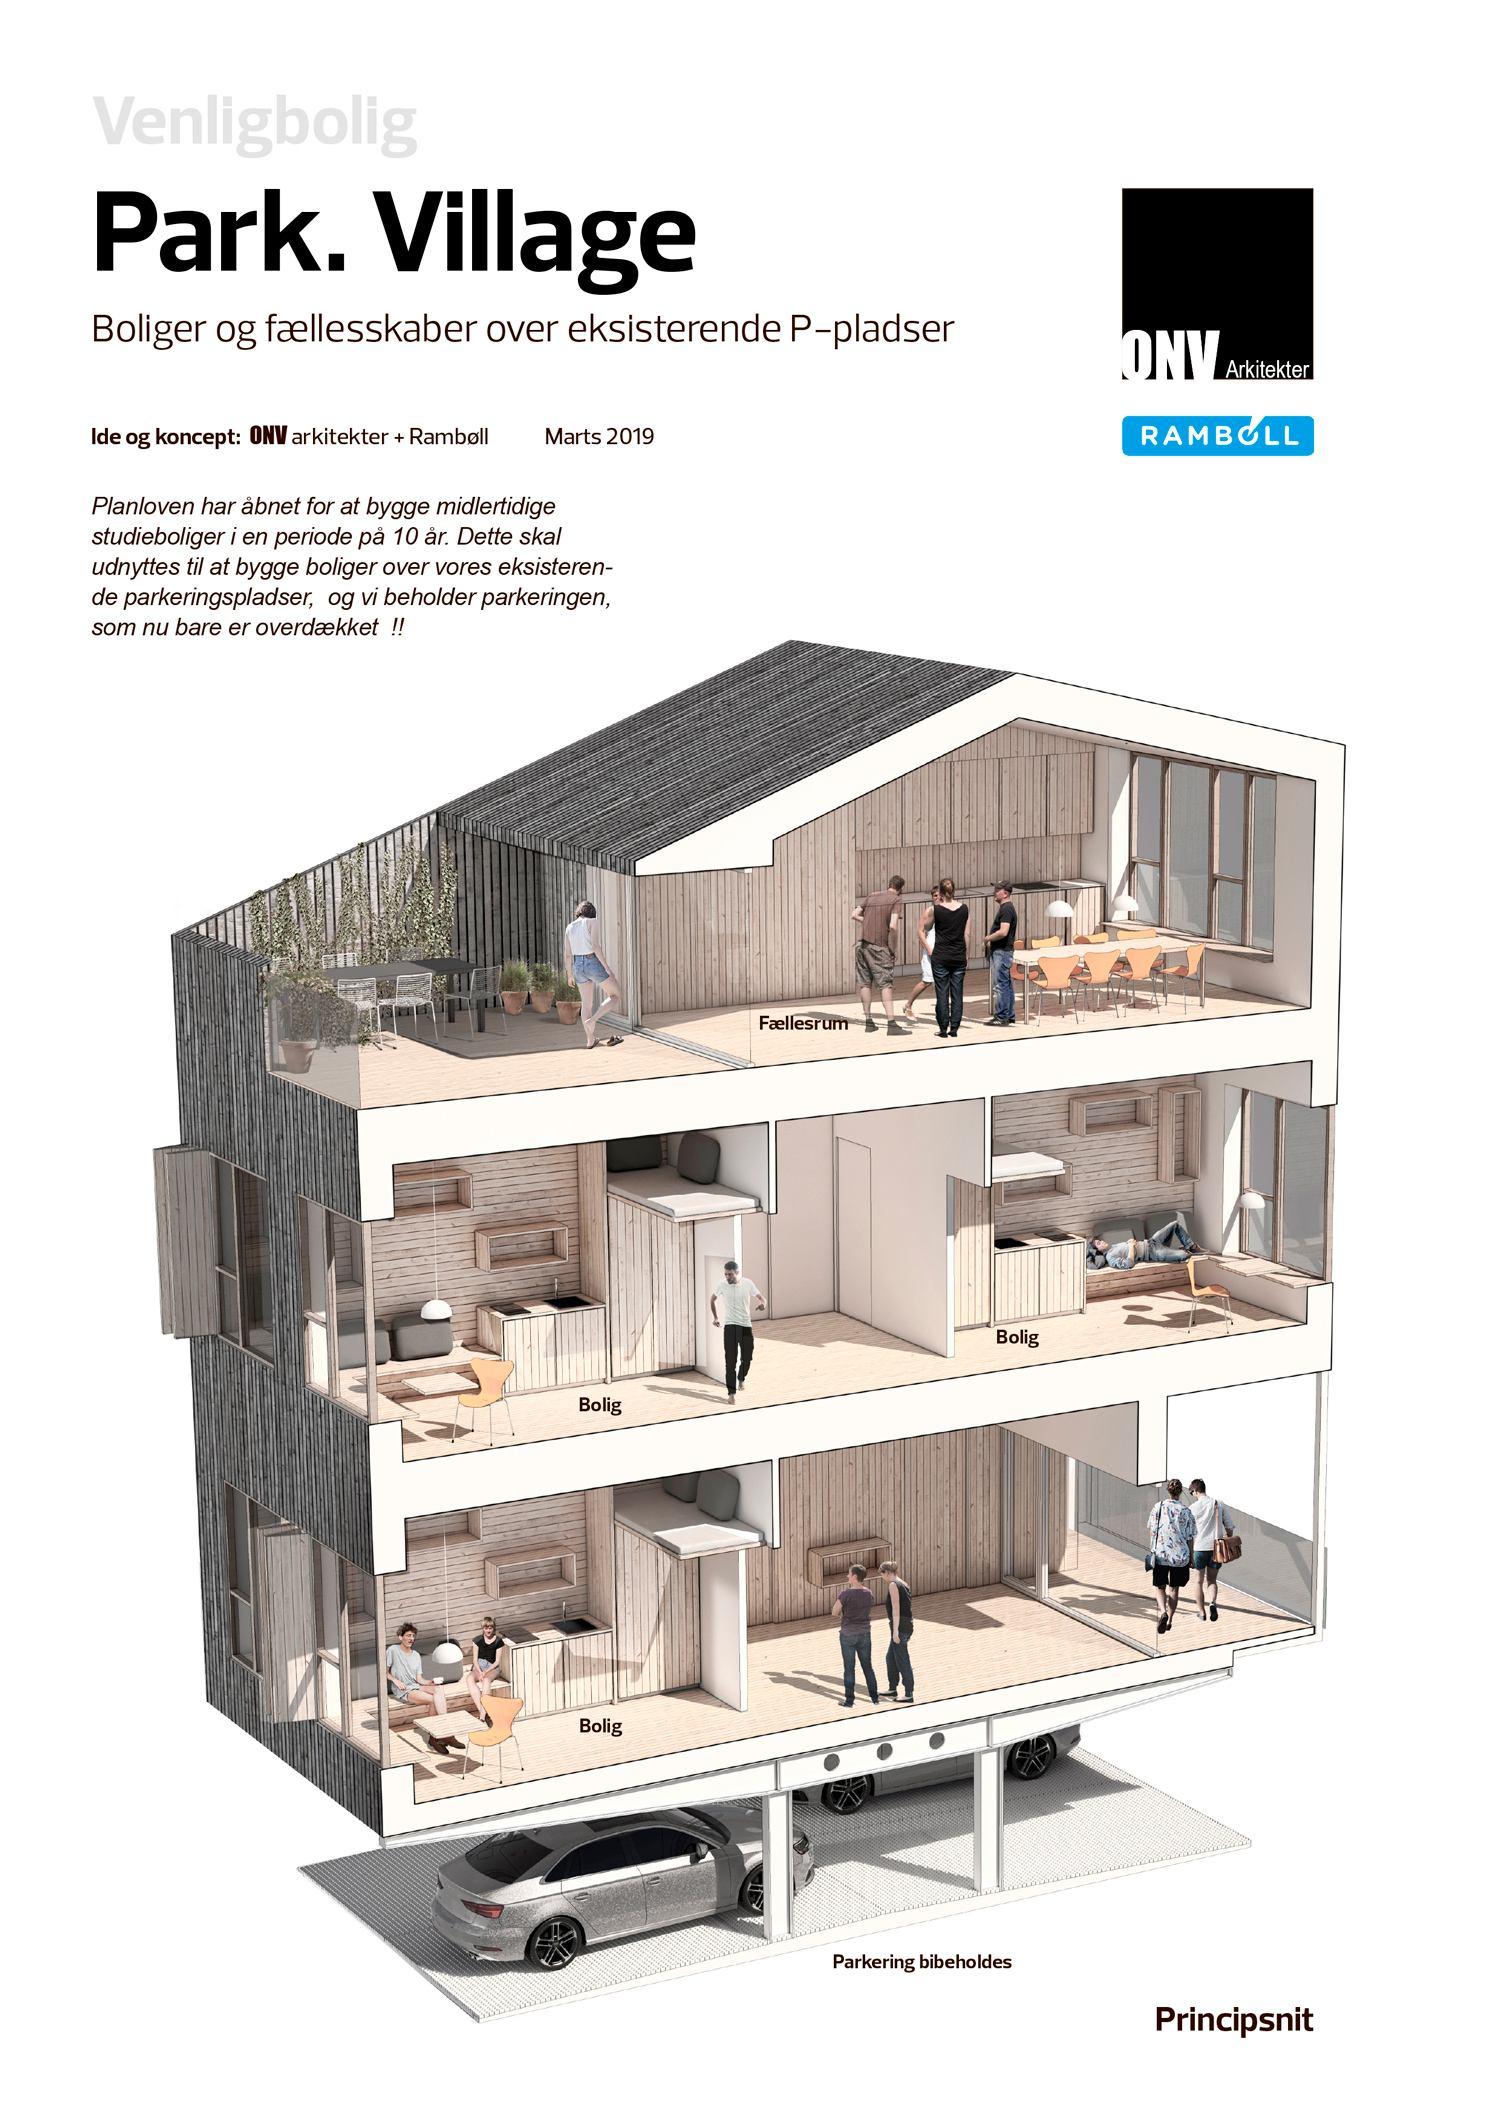 Park.-Village-ONV-arkitekter-ungdomsboliger-over-p-pladser-præfab-boliger-prefab-architecture-01